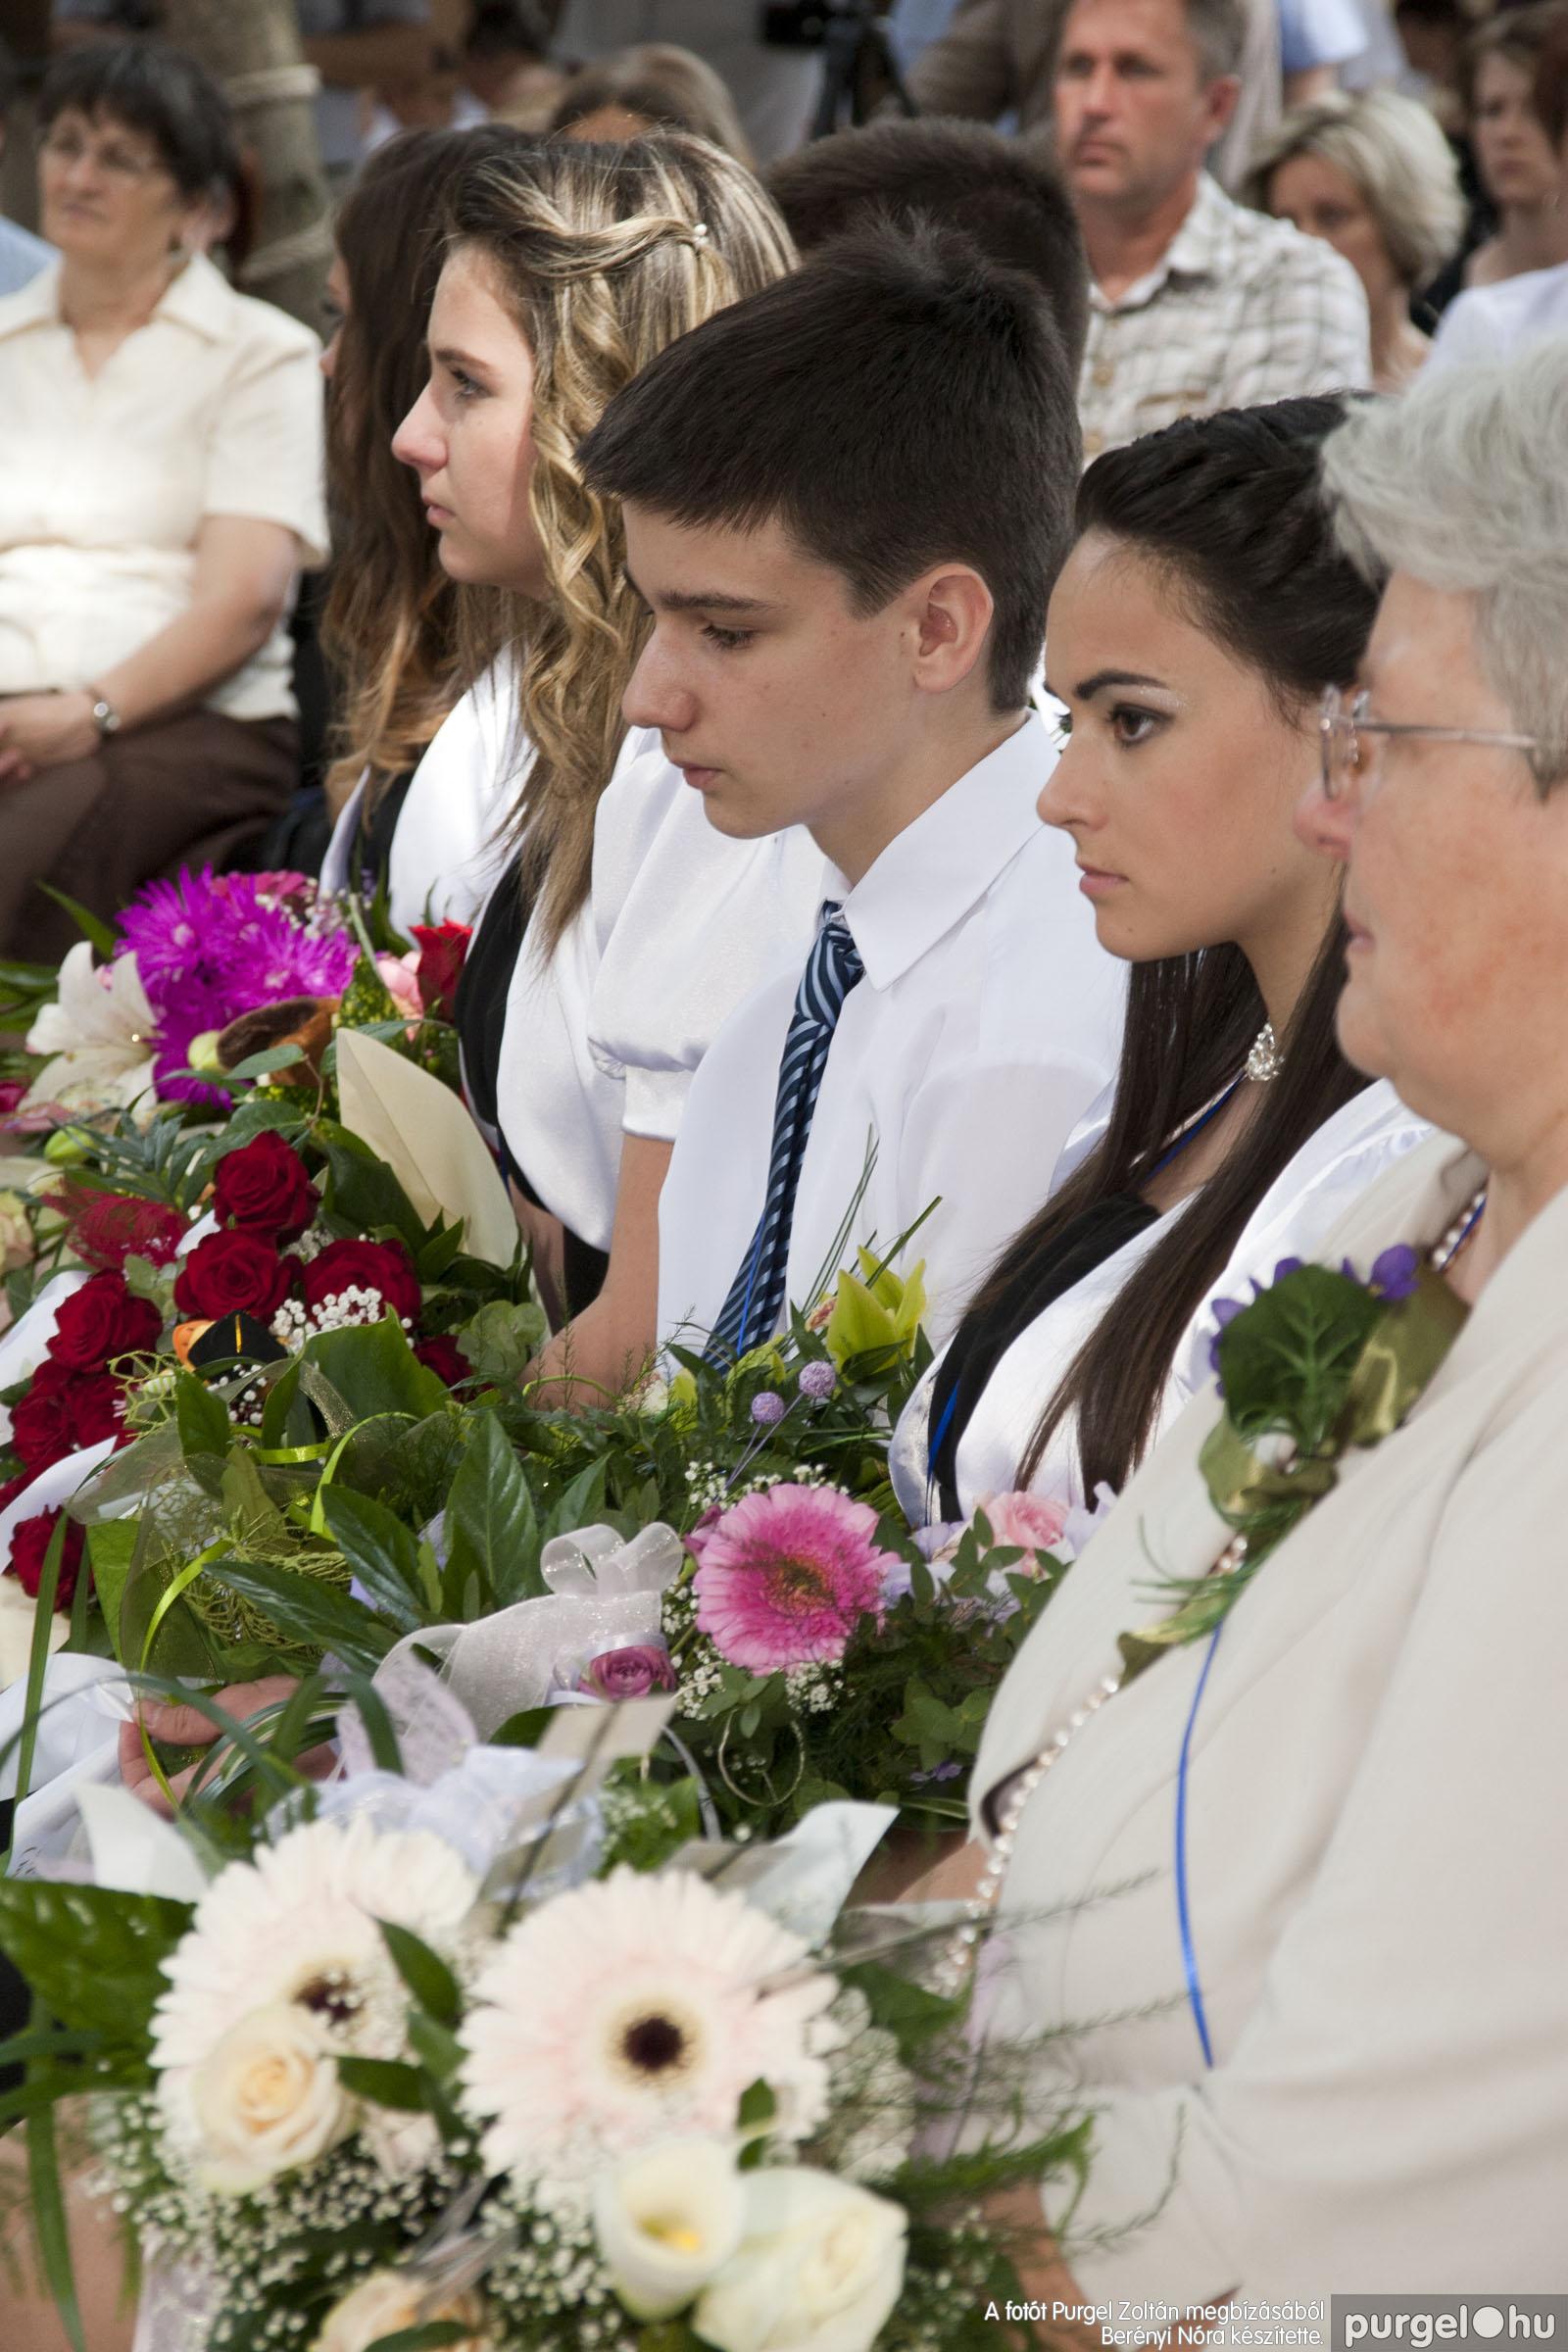 2014.06.14. 194 Forray Máté Általános Iskola ballagás 2014. - Fotó:BERÉNYI NÓRA© _MG_5830.jpg